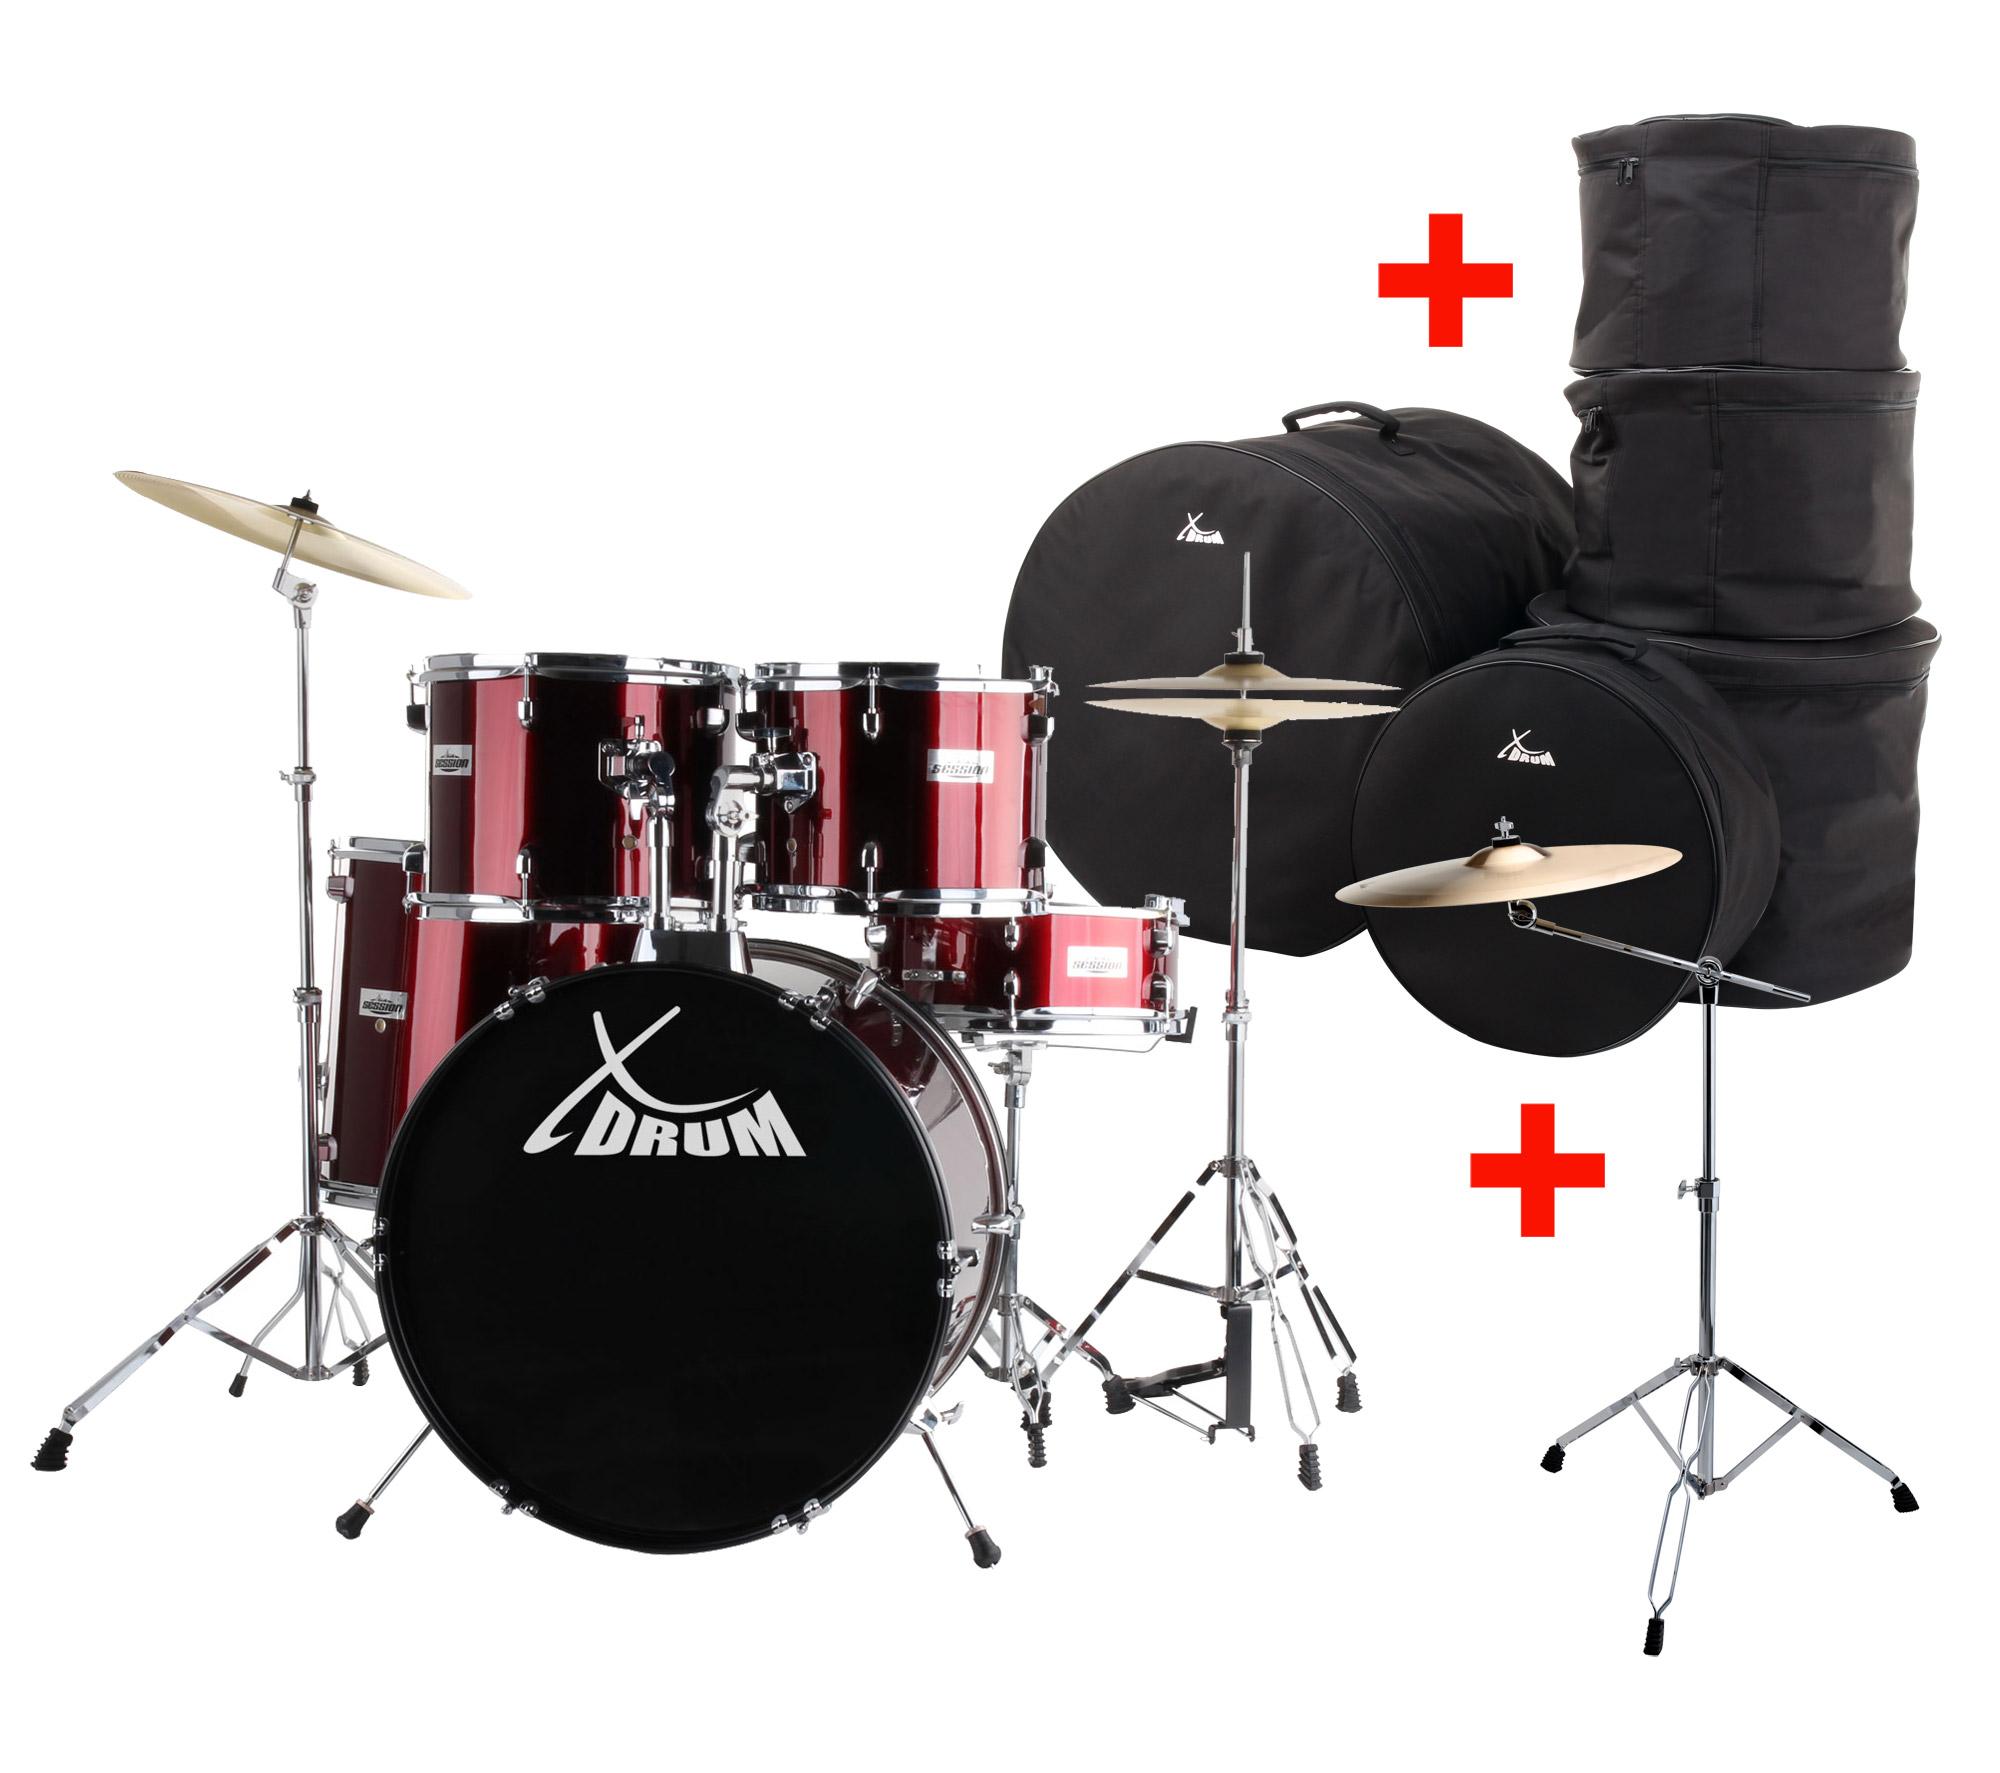 XDrum Semi 22' Standard Schlagzeug Lipstick Red XL SET inkl. Galgenständer Crash Becken und Drum Bags